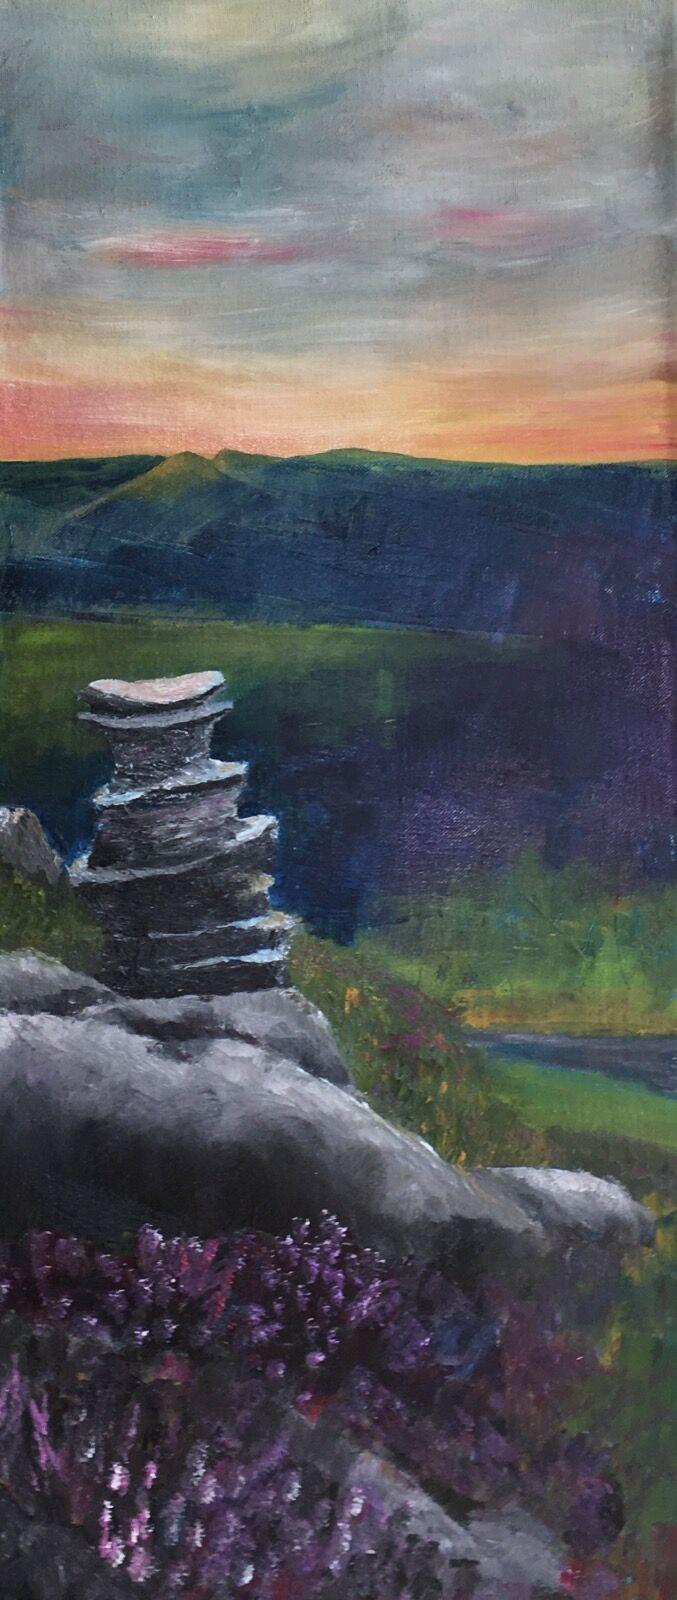 Derwent Edge painting